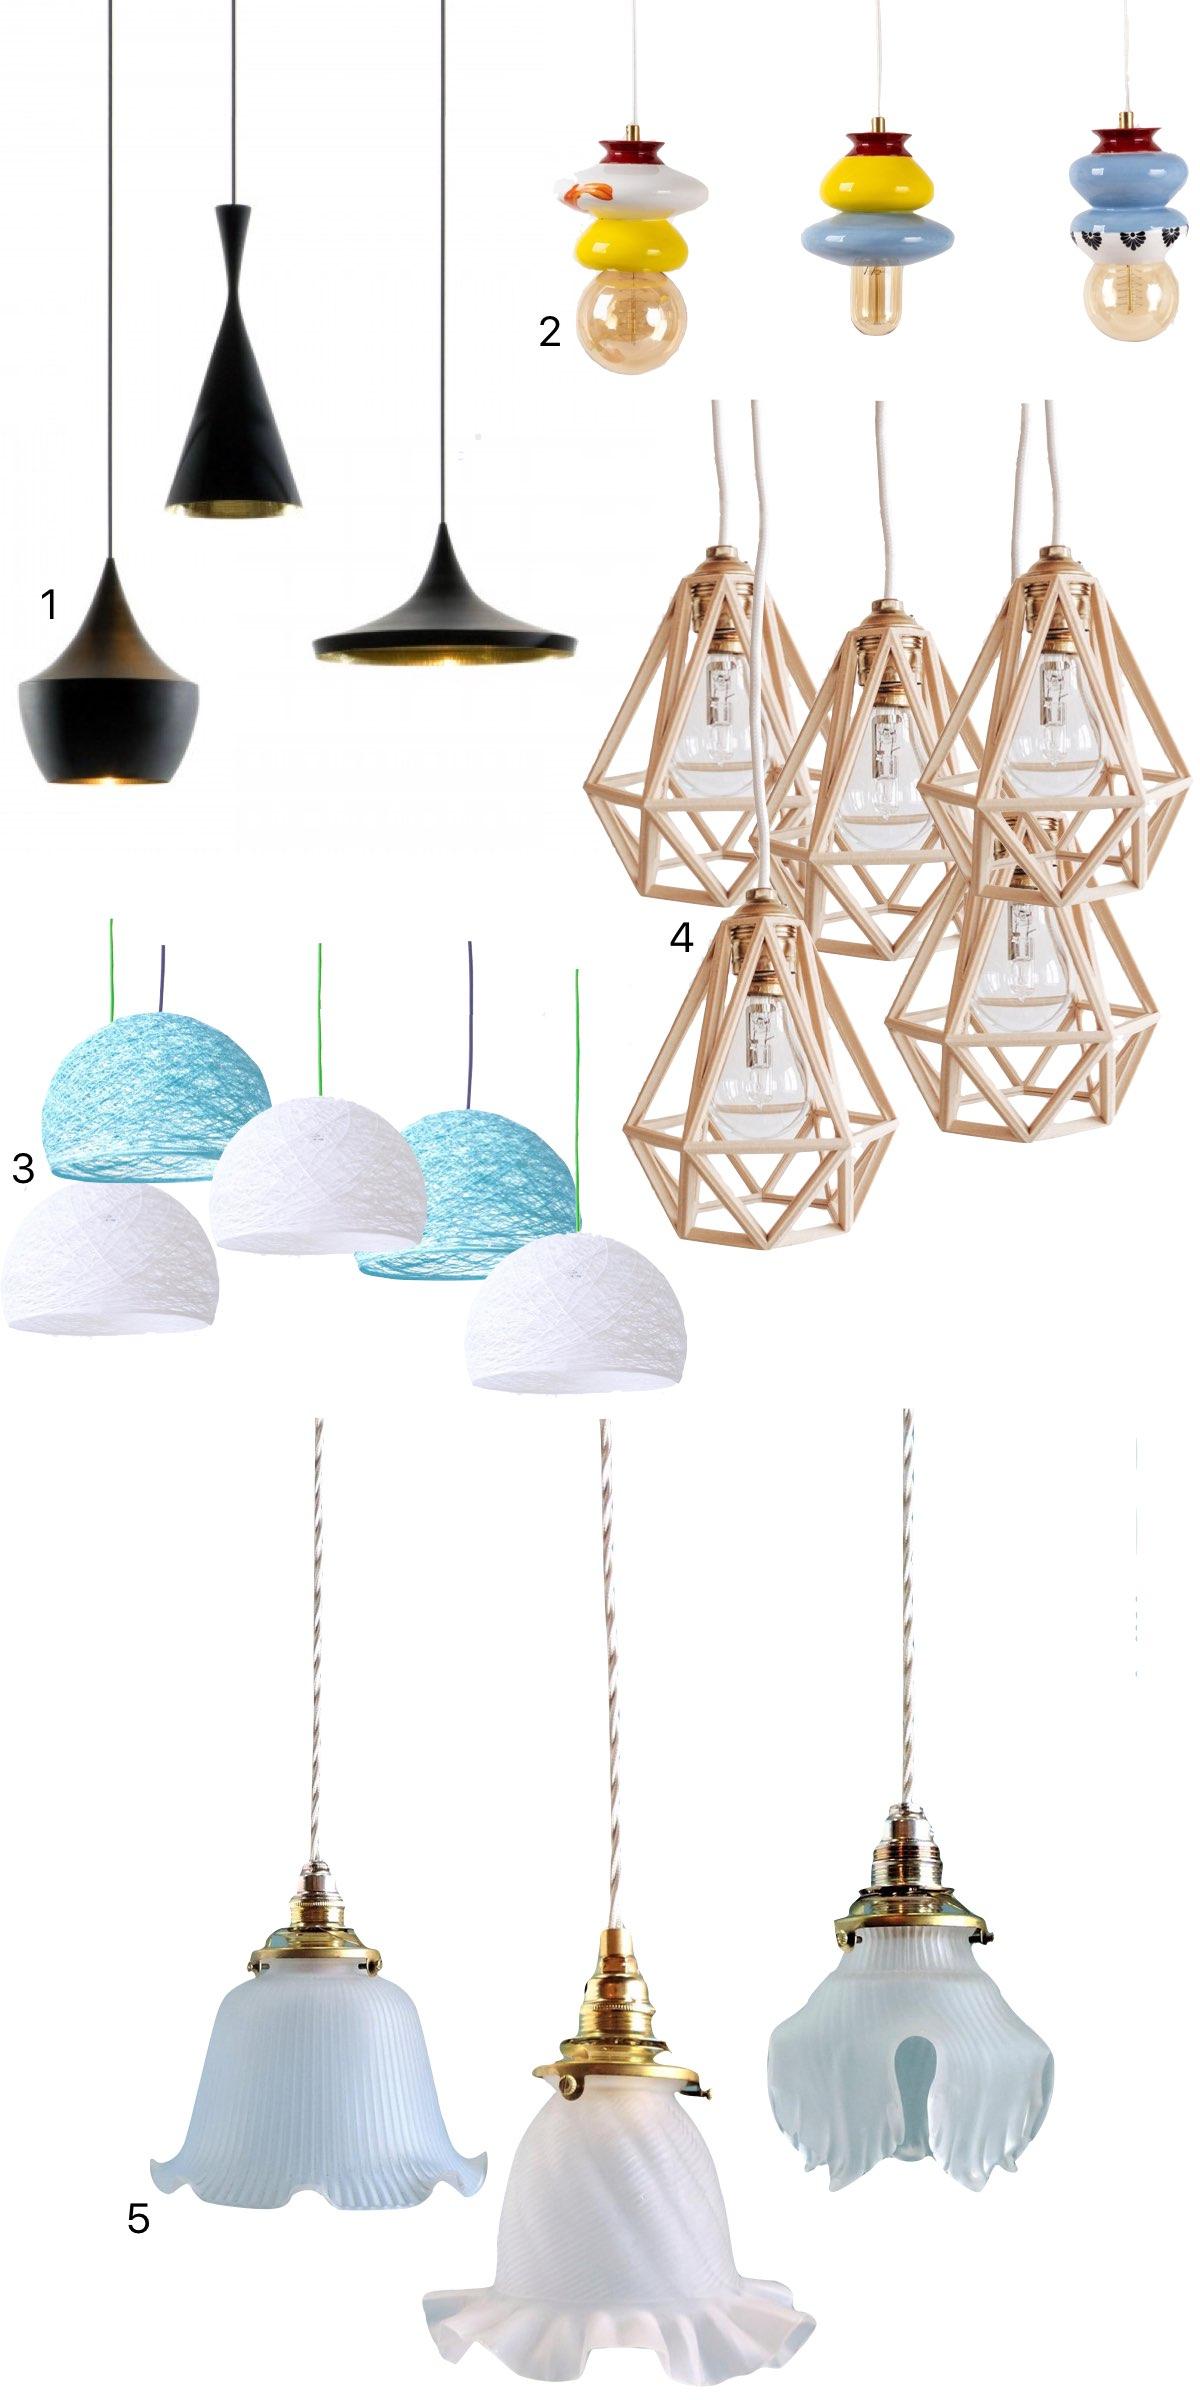 comment créer luminaire suspension multiple lampe - blog décoration intérieure - clem around the corner